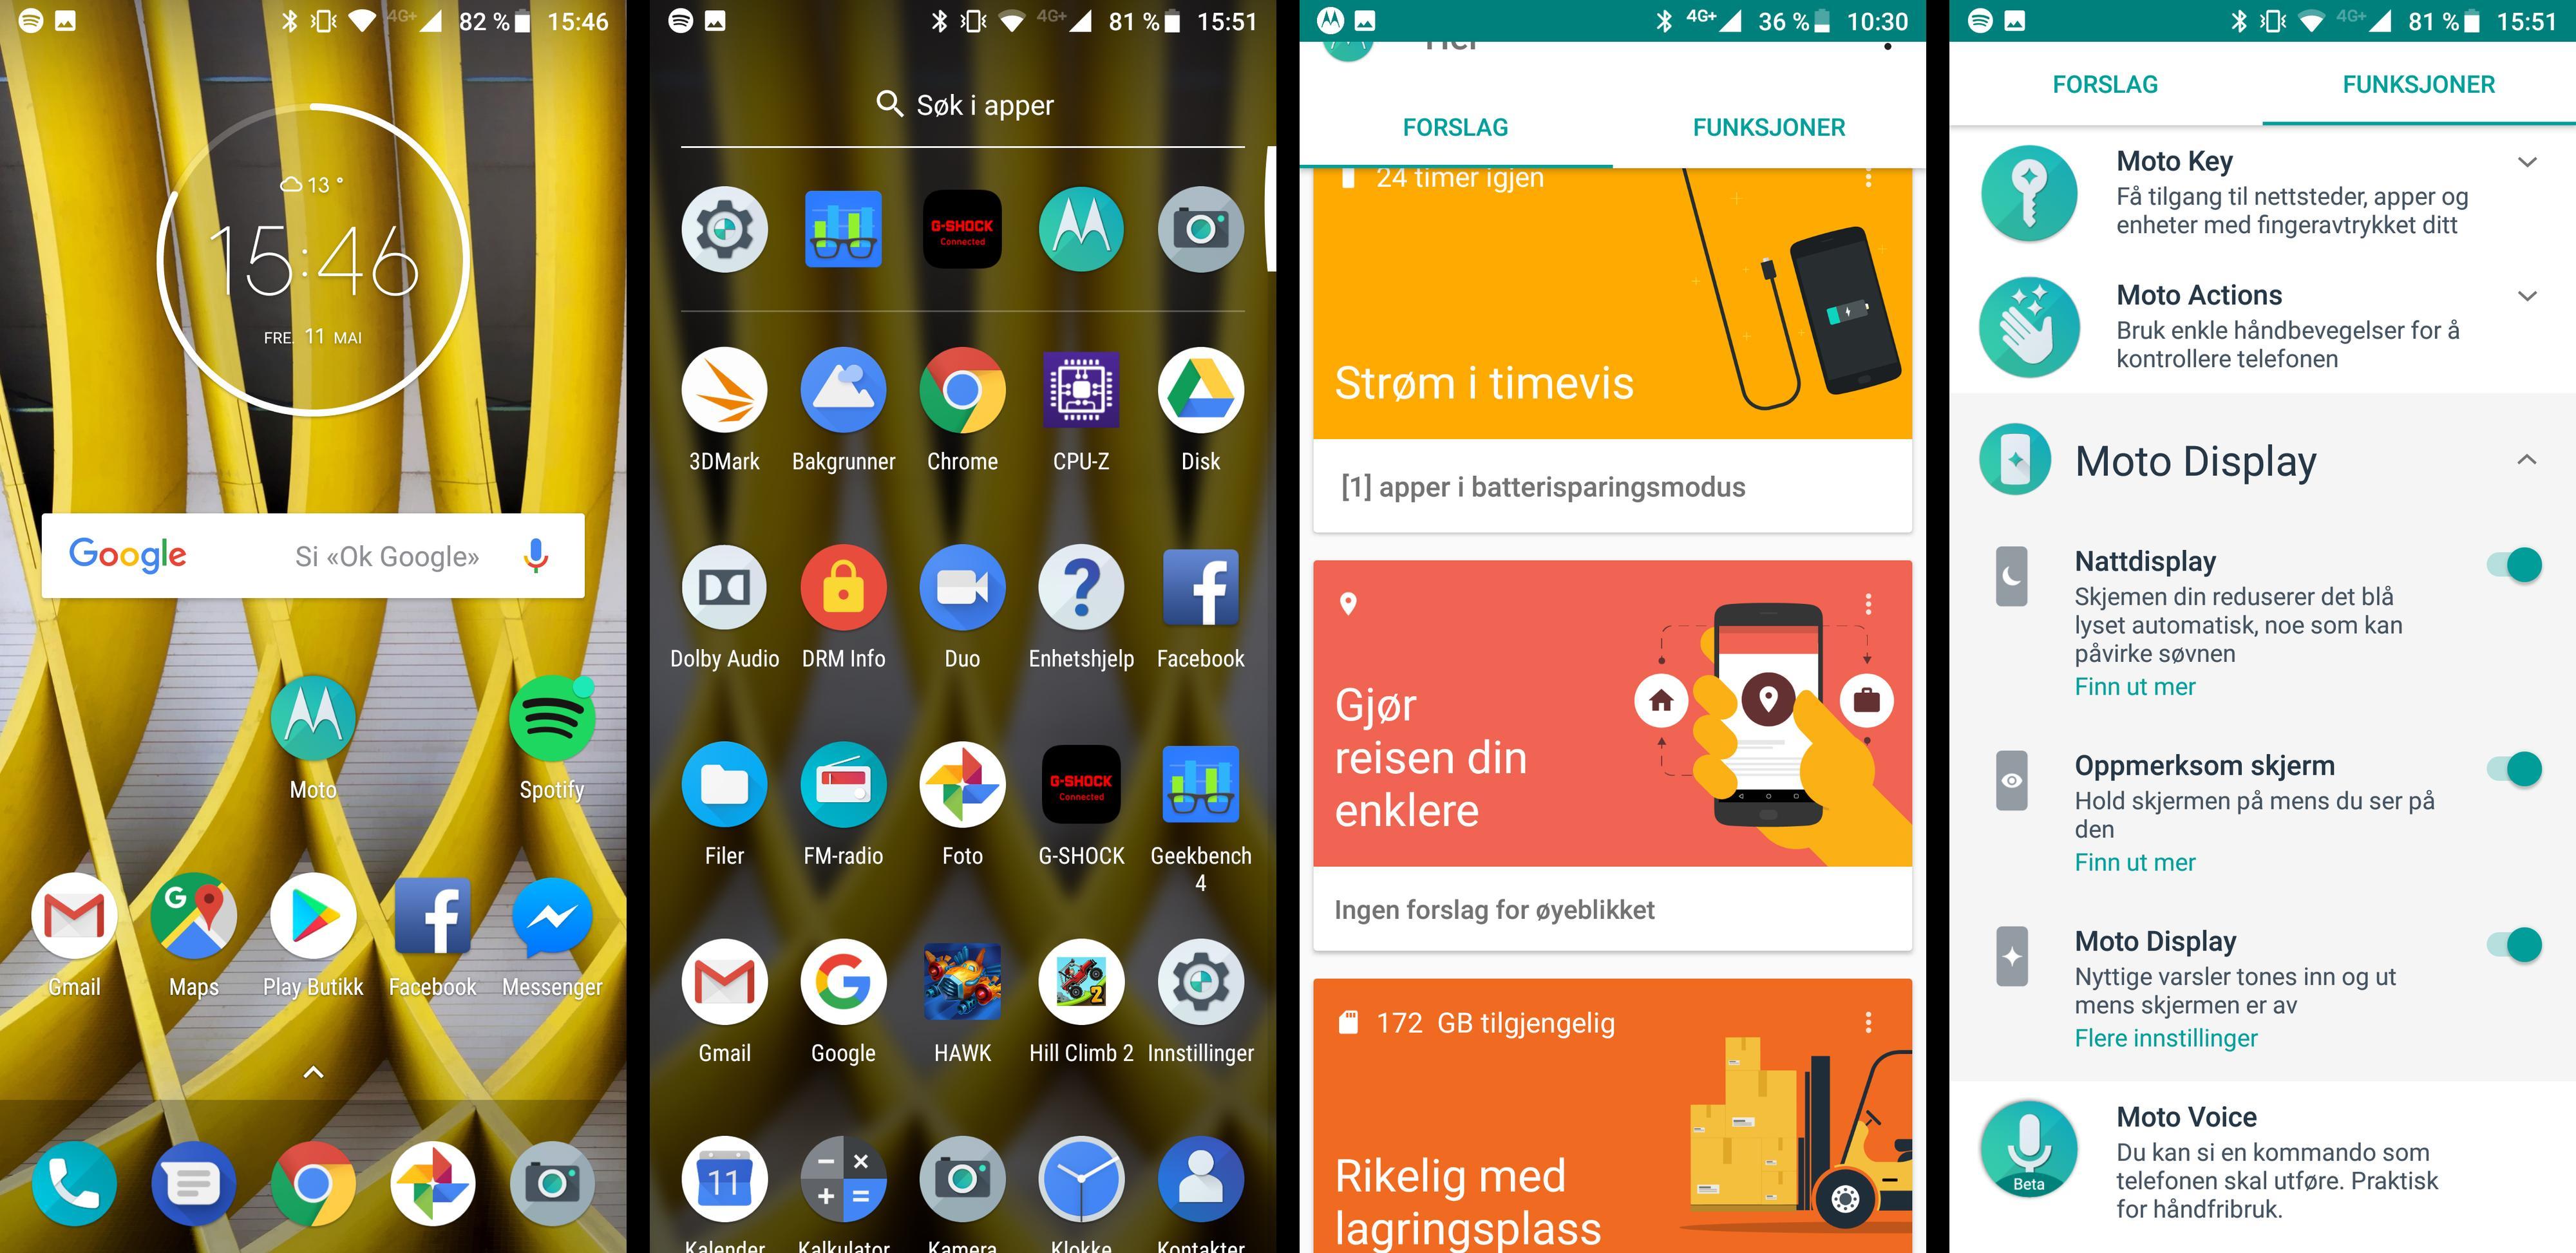 Det er lite utenomsnakk i menyene på Moto G6 Plus. Det meste av Motorolas egne funksjoner finner du i en egen app prydet med M-logoen.